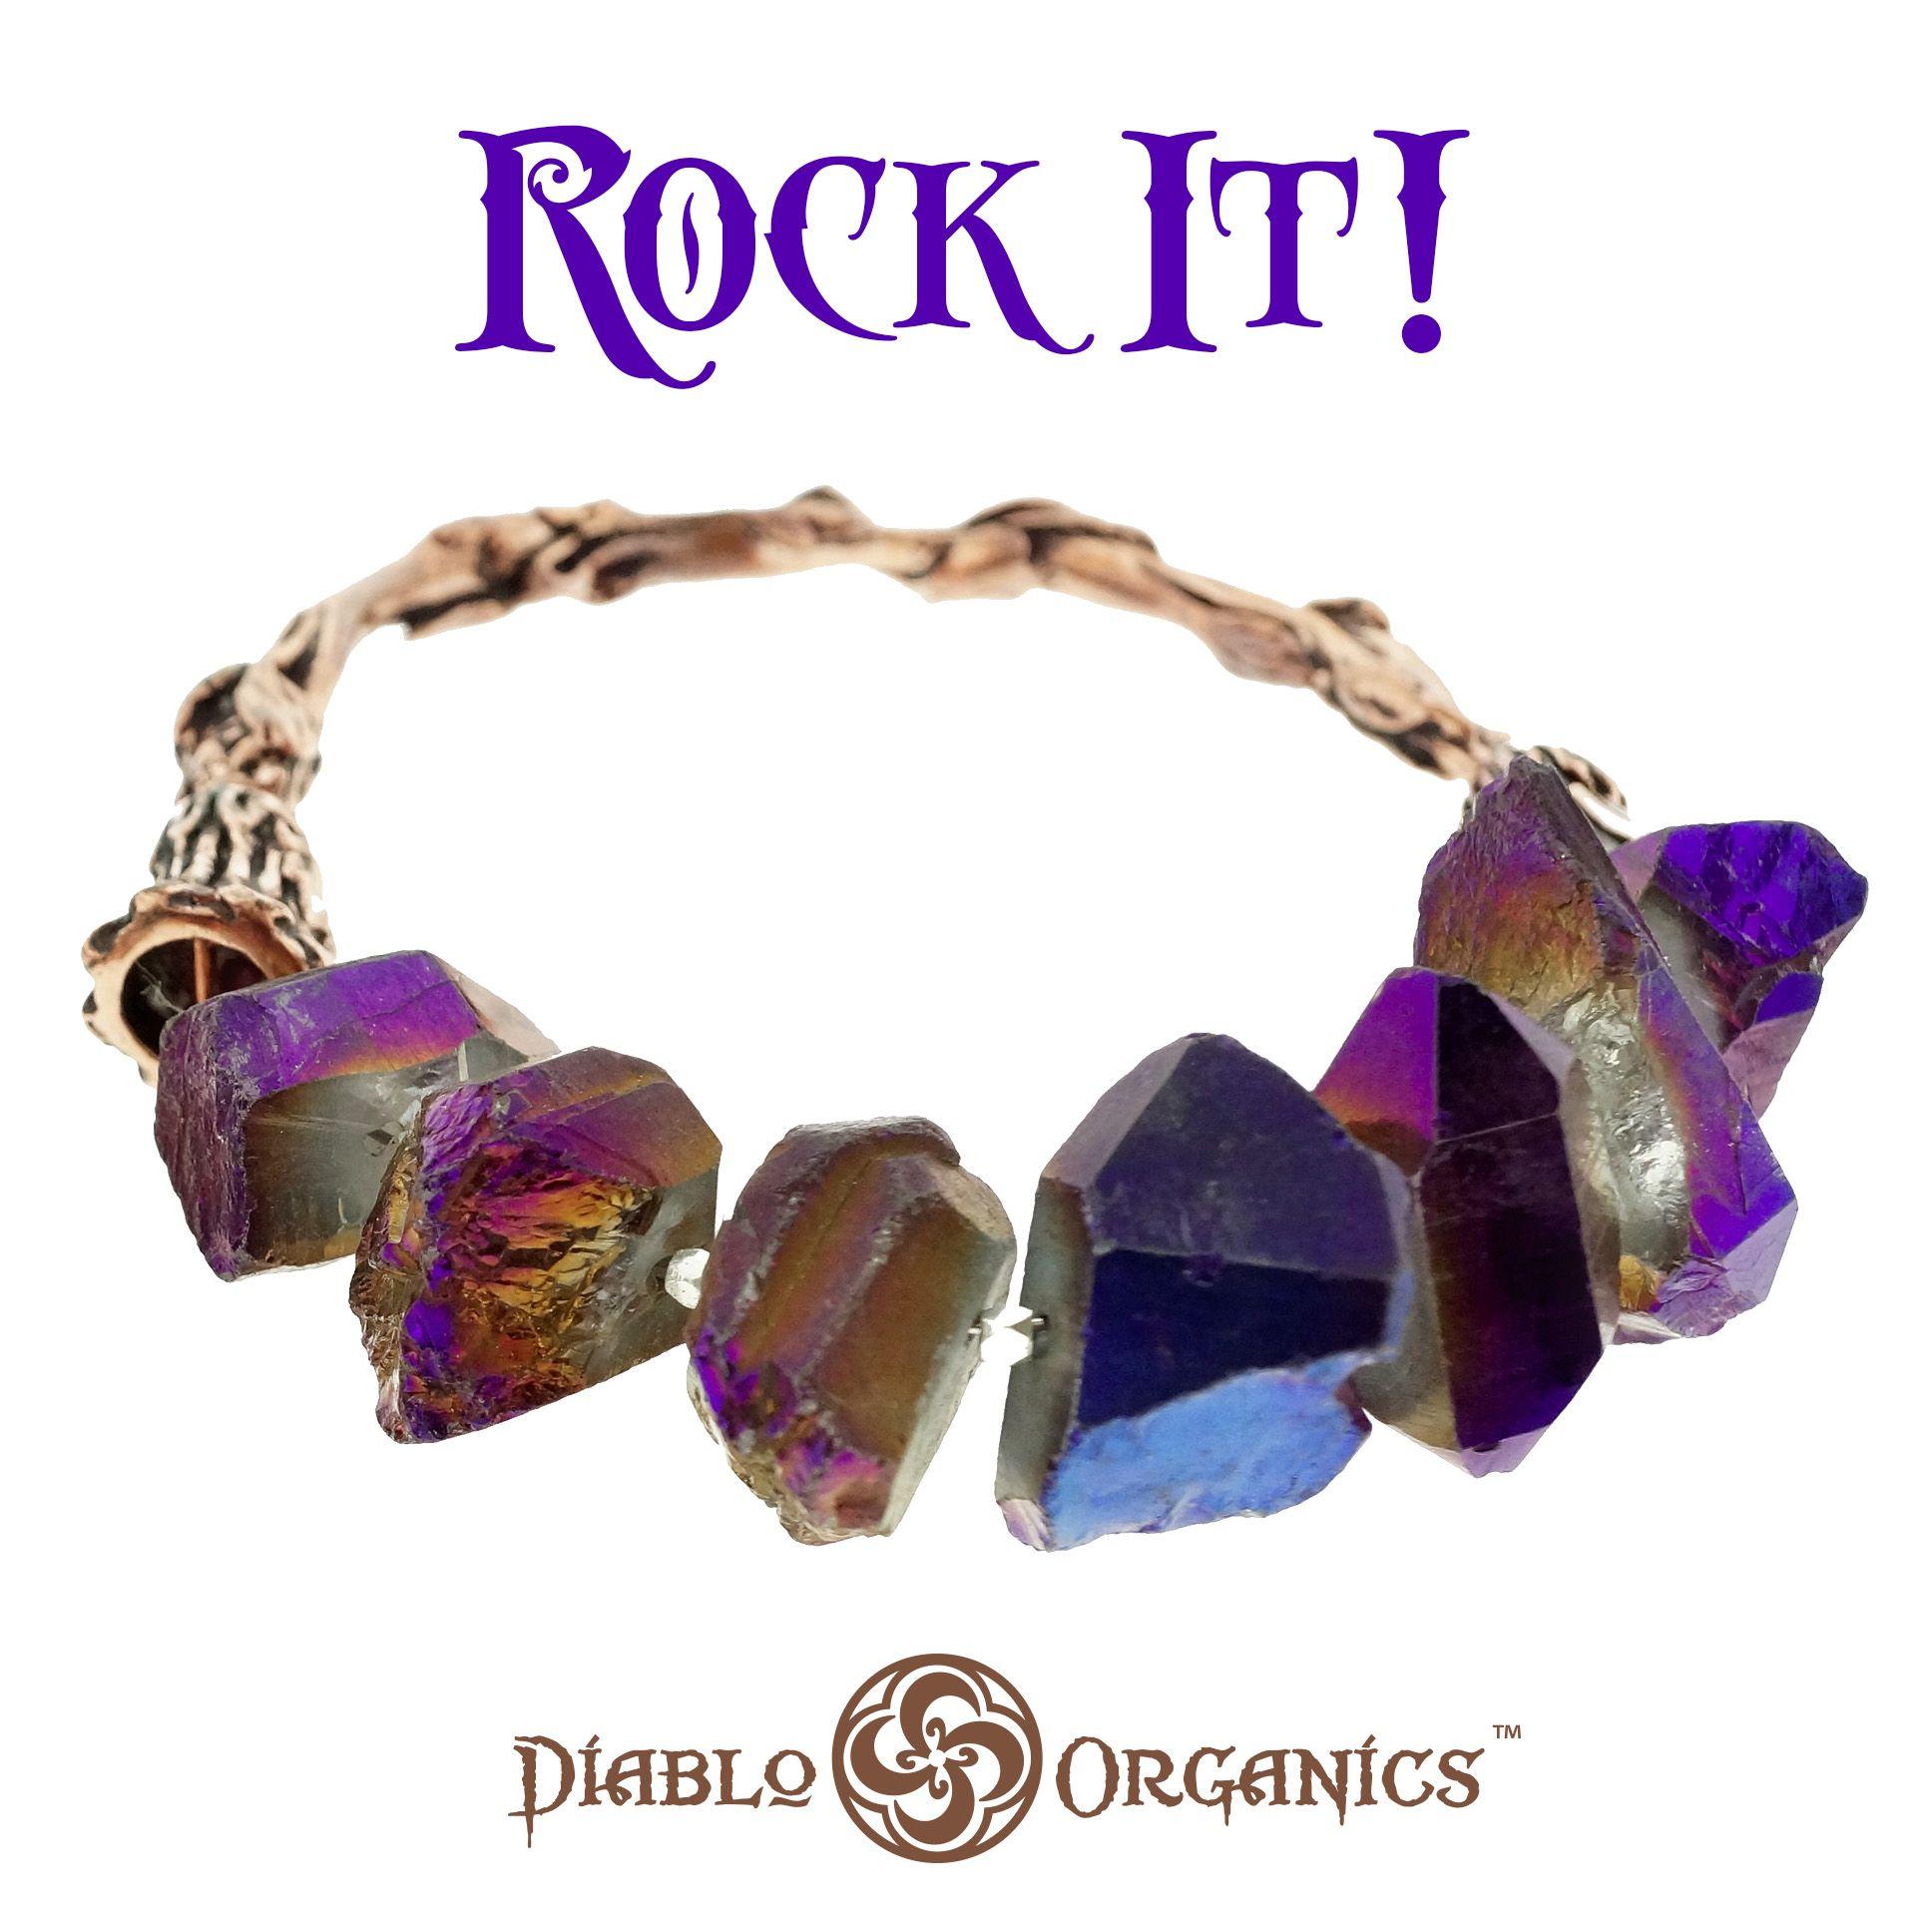 Diablo Organics Medusa Funky Jewelry Body Jewelry Plugs Organic Jewelry